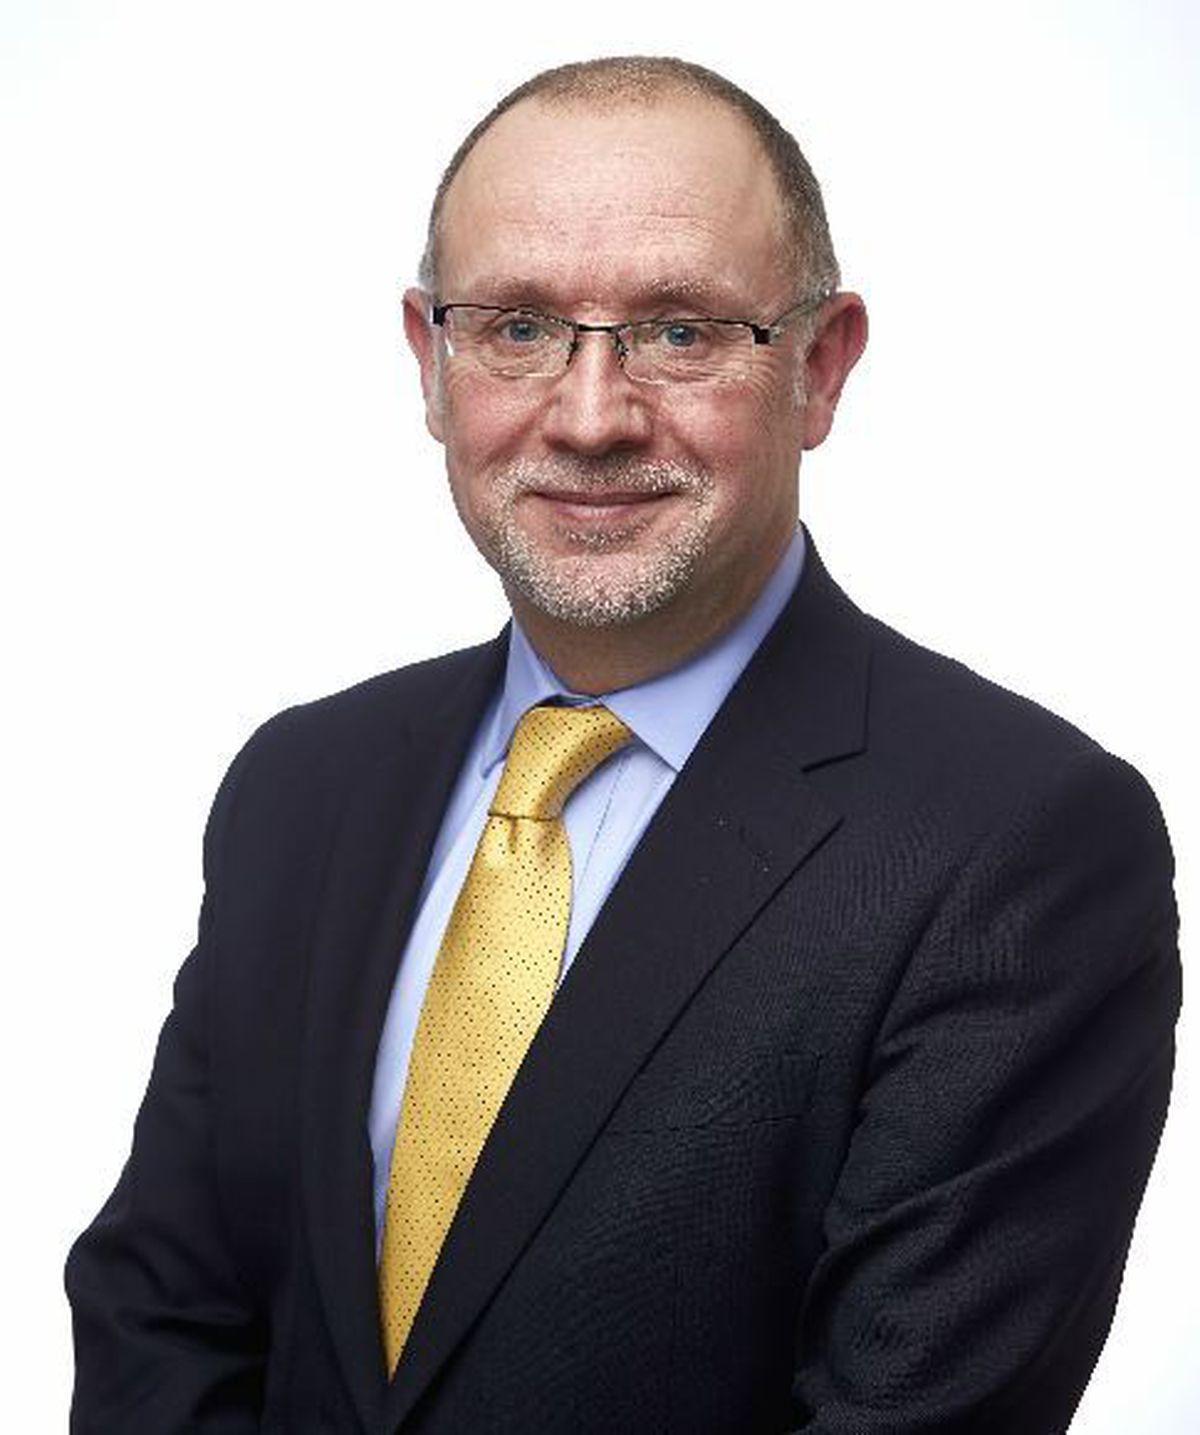 Alan Yates OBE